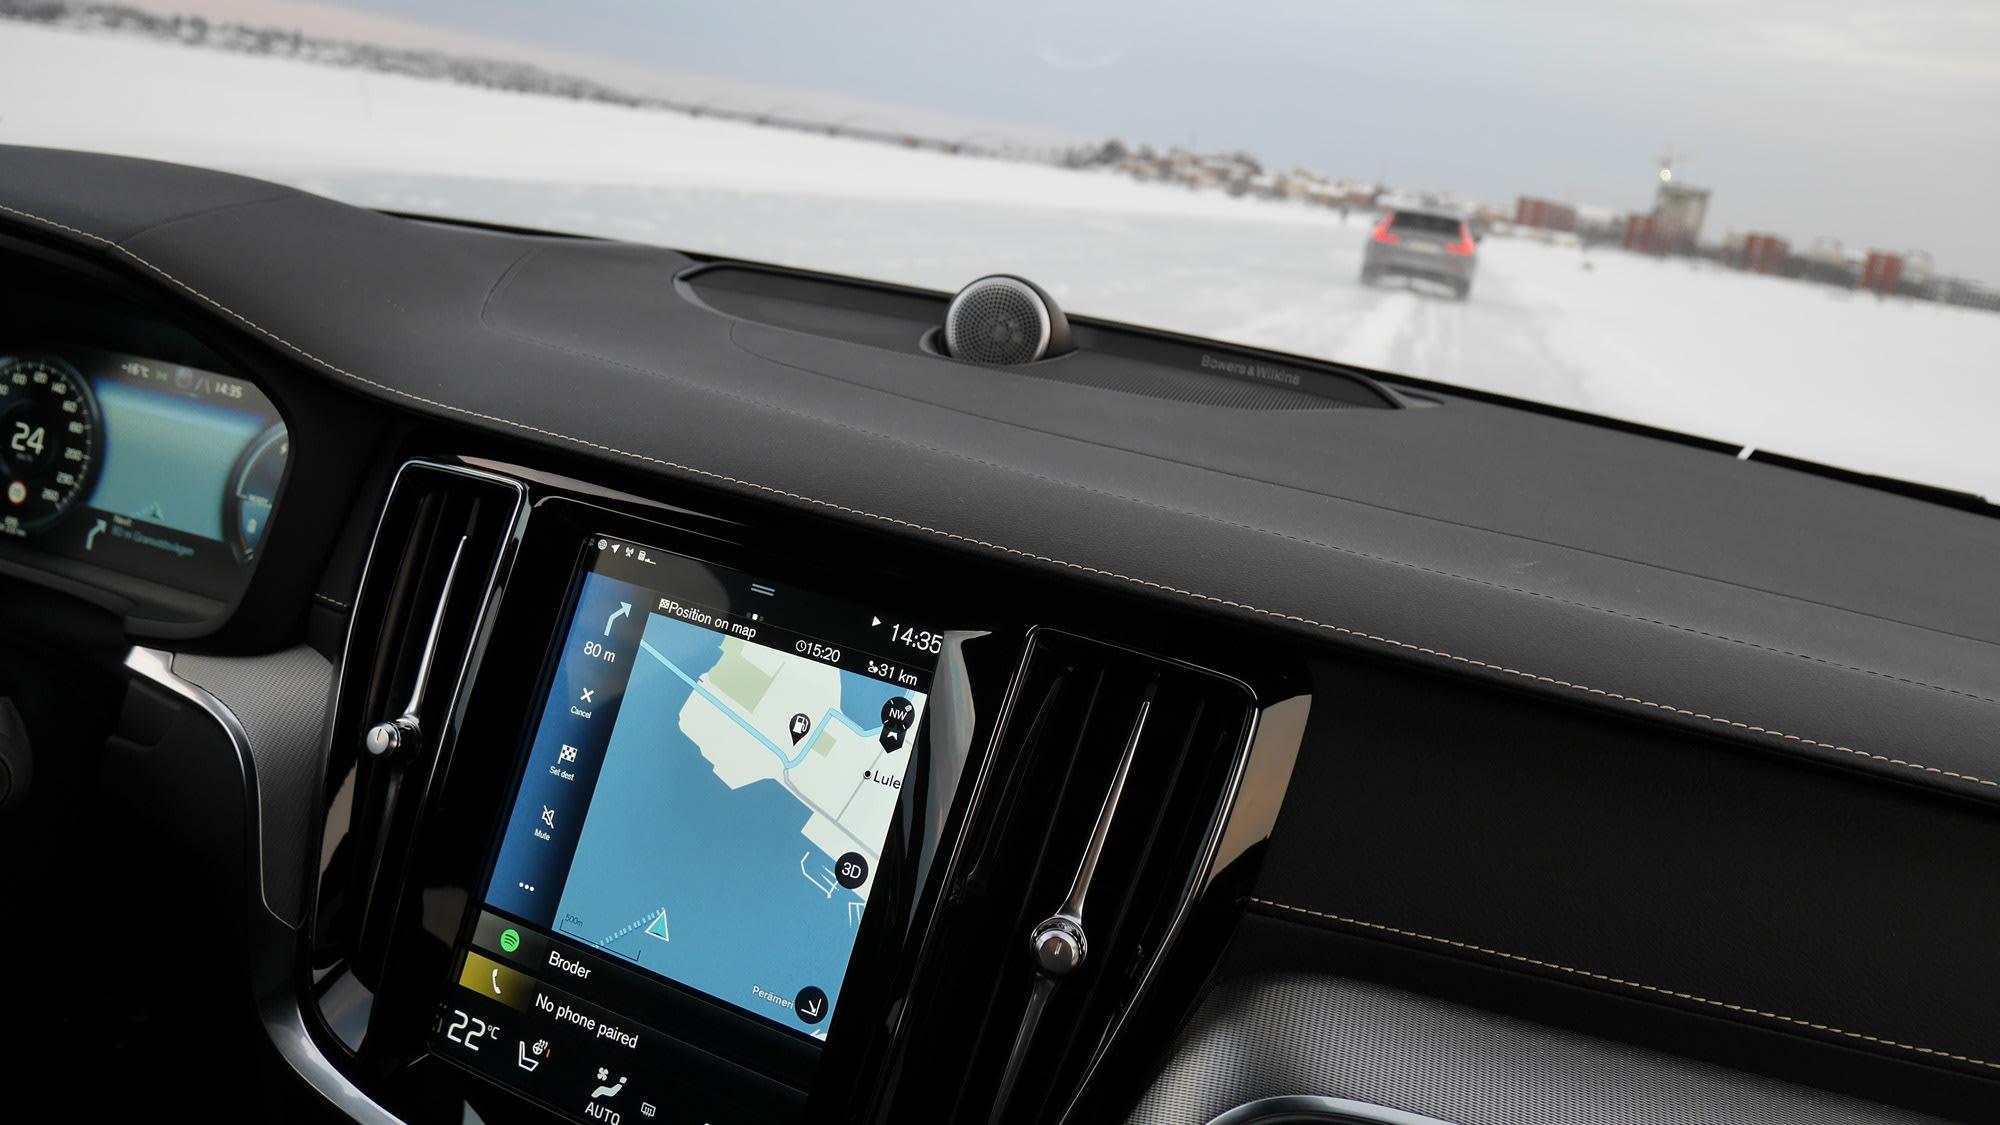 2020 Volvo V60 Cross Country in Luleå, Sweden